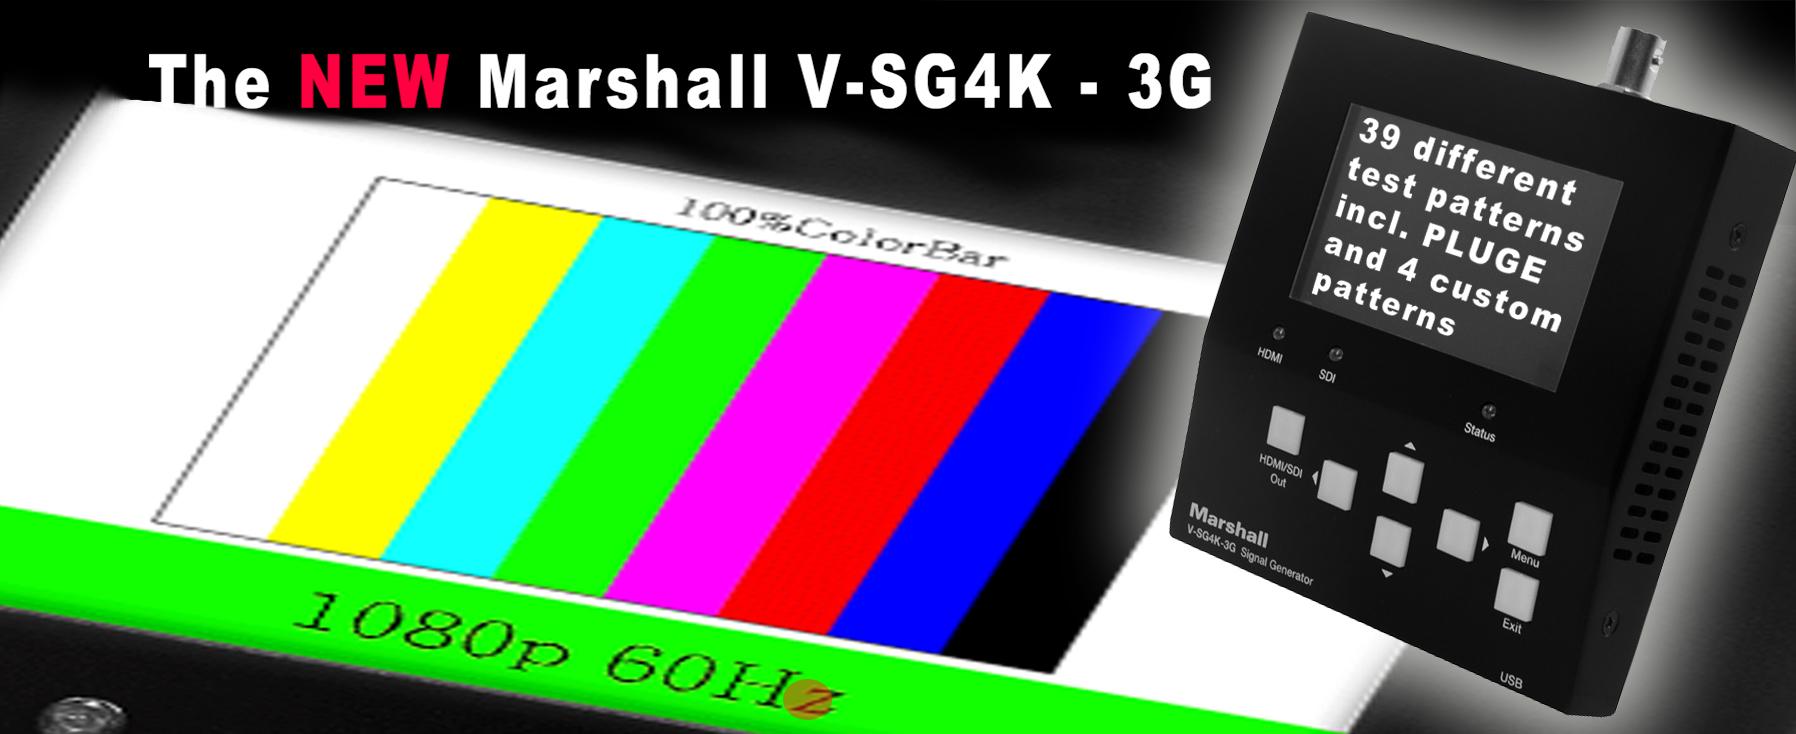 V-SG4K-3G-Banner